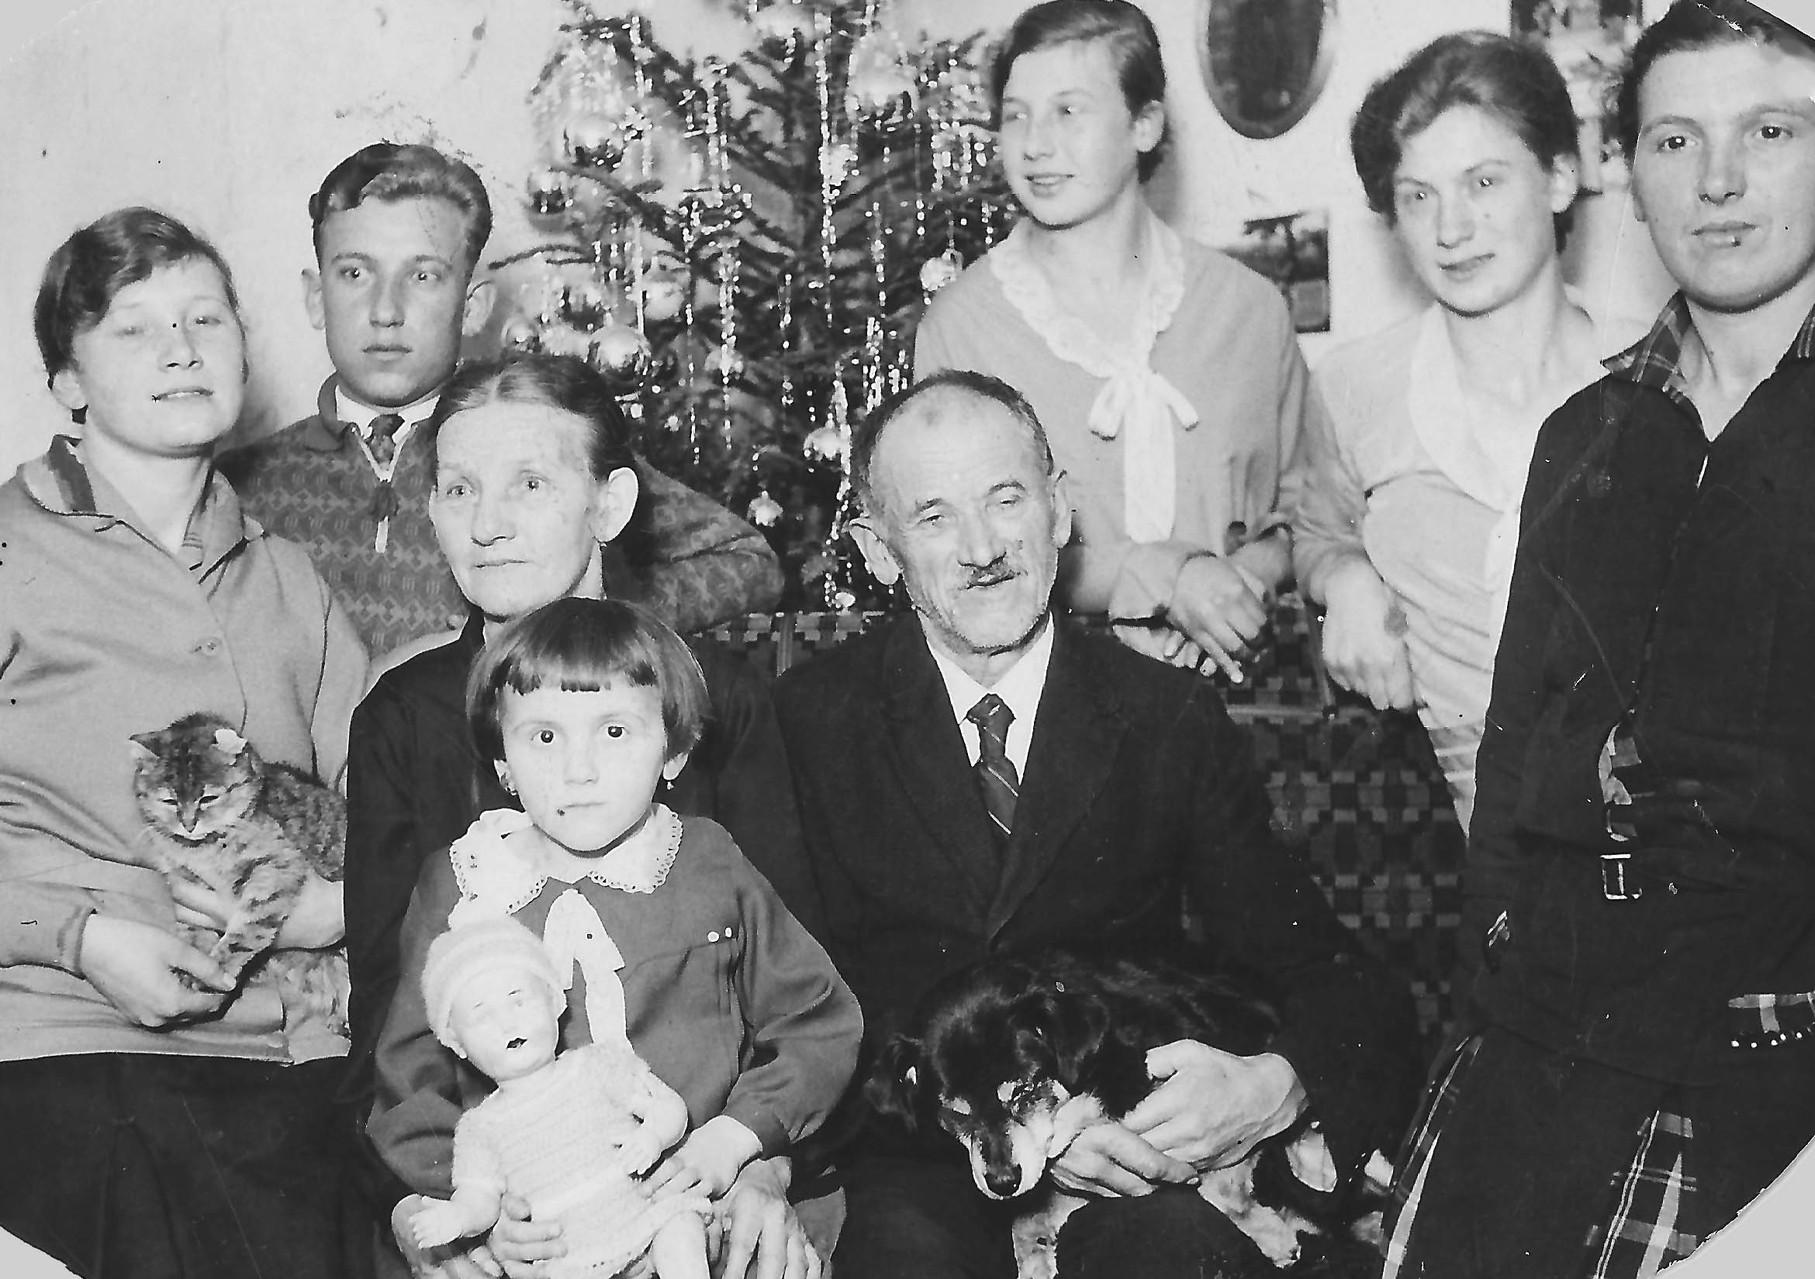 Johann Karl mit seiner Ehefrau Katharina, fünf ihrer Kinder und einer Enkeltochter, ca.1929. Das fehlende sechste Kind (mein Großvater) dürfte der Fotograf gewesen sein.